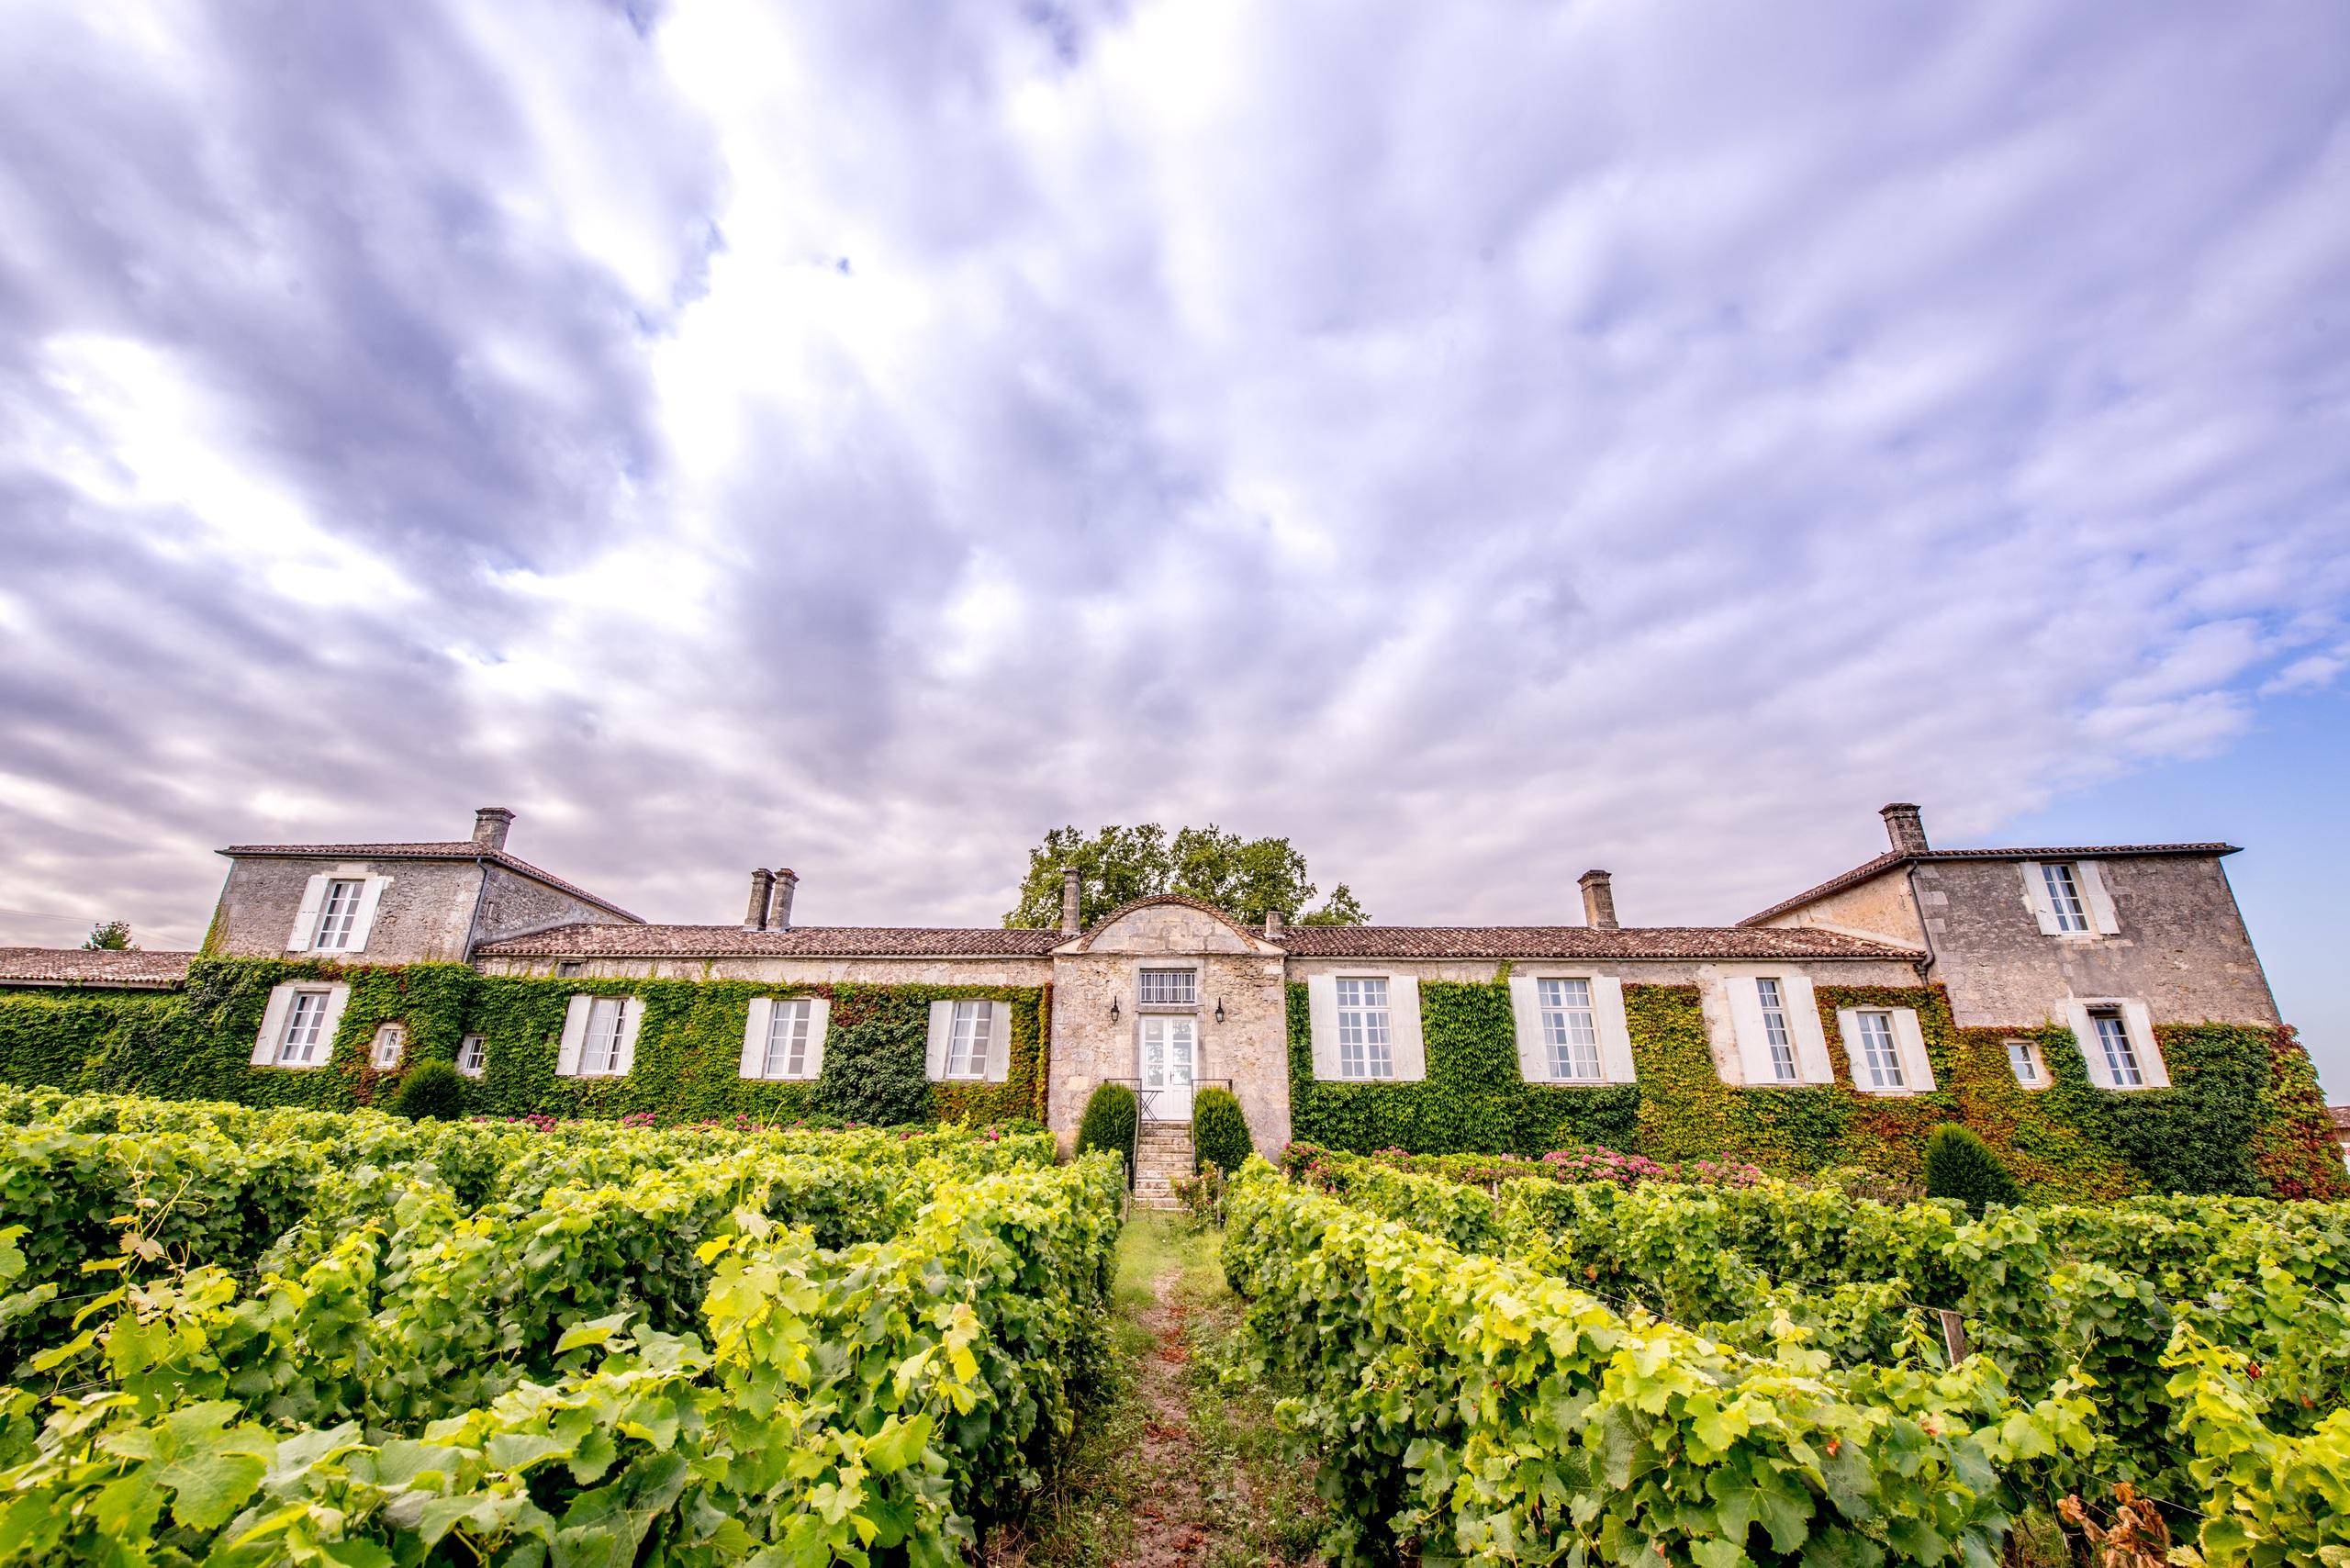 L'hôtel - Chateau d'Arche